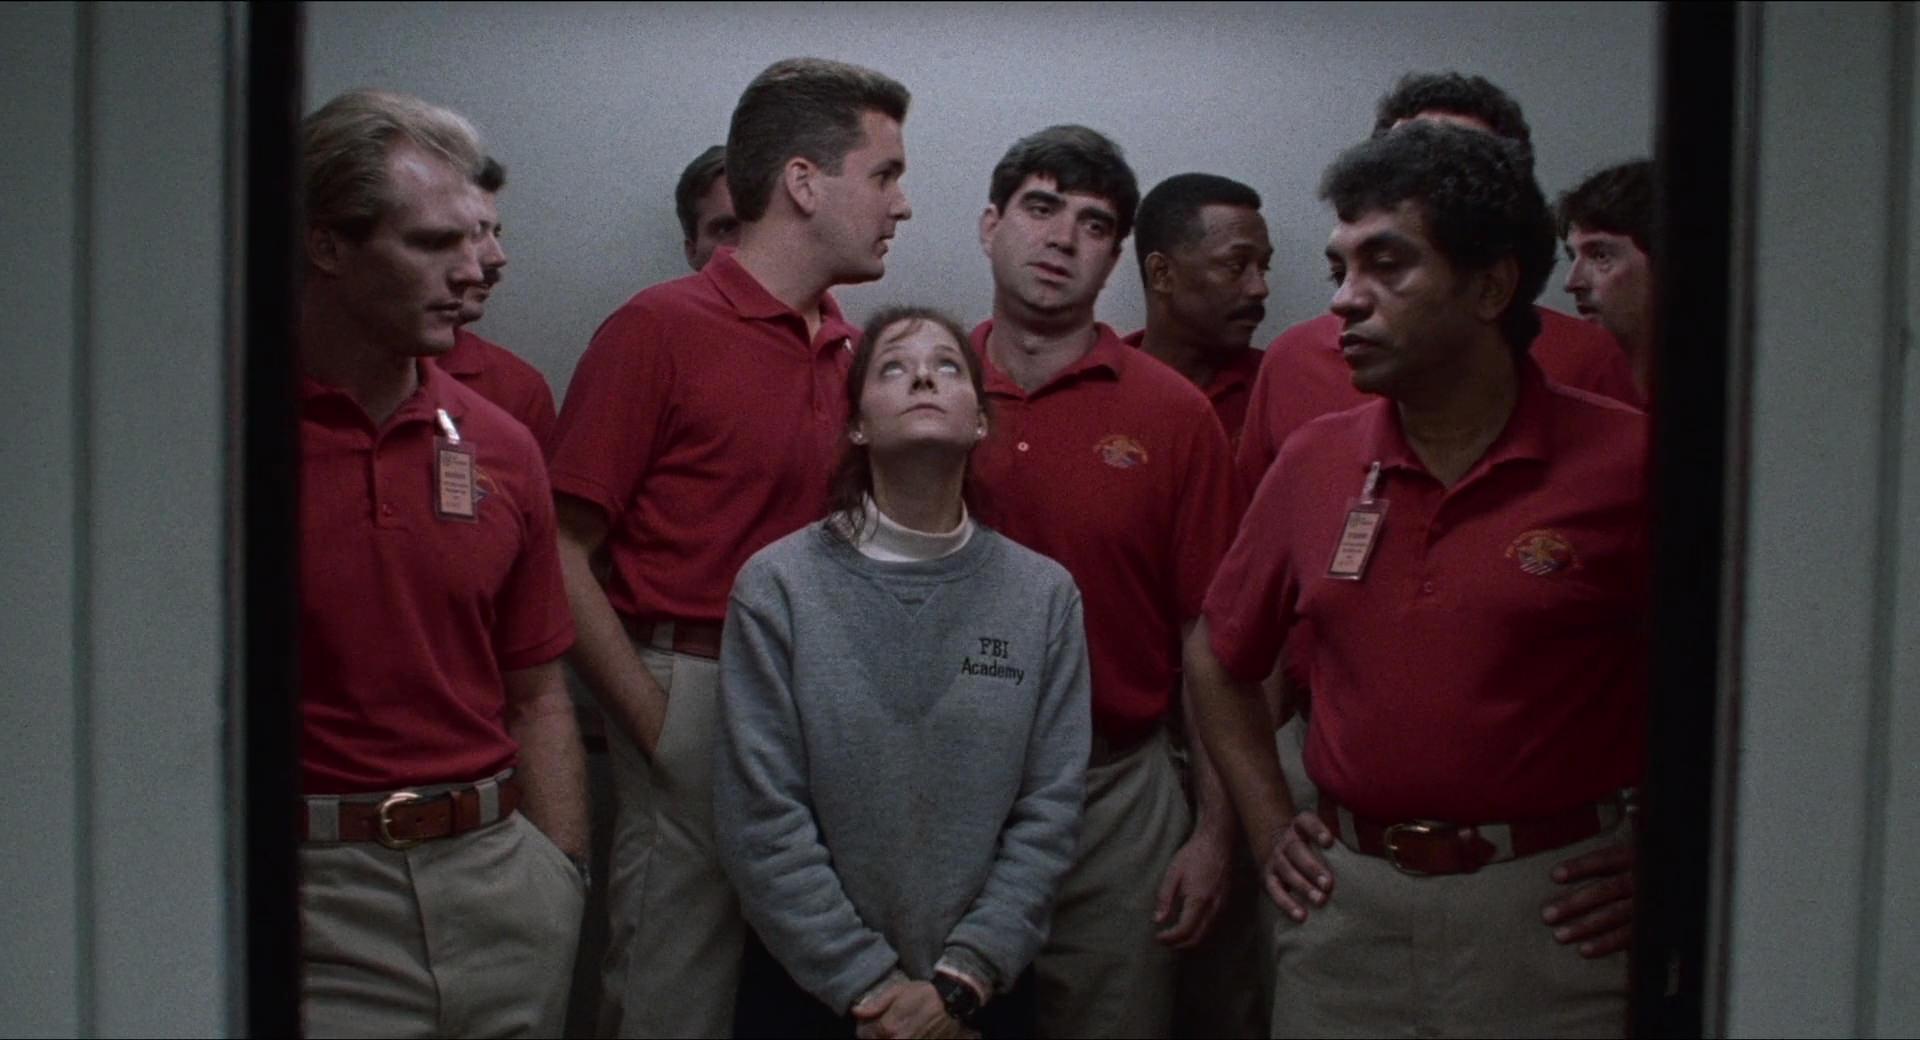 Cena do filme O Silêncio dos Inocentes. Jodie Foster está no centro da imagem, dentro de um elevador. Ela usa moletom cinza com uma camisa branca por baixo marcados com suor, calças pretas e suas mãos estão unidas na frente do corpo. Ao redor dela, vamos nove homens no pequeno espaço. Todos usam a mesma roupa: camisa polo vermelha e calça cáqui bege.